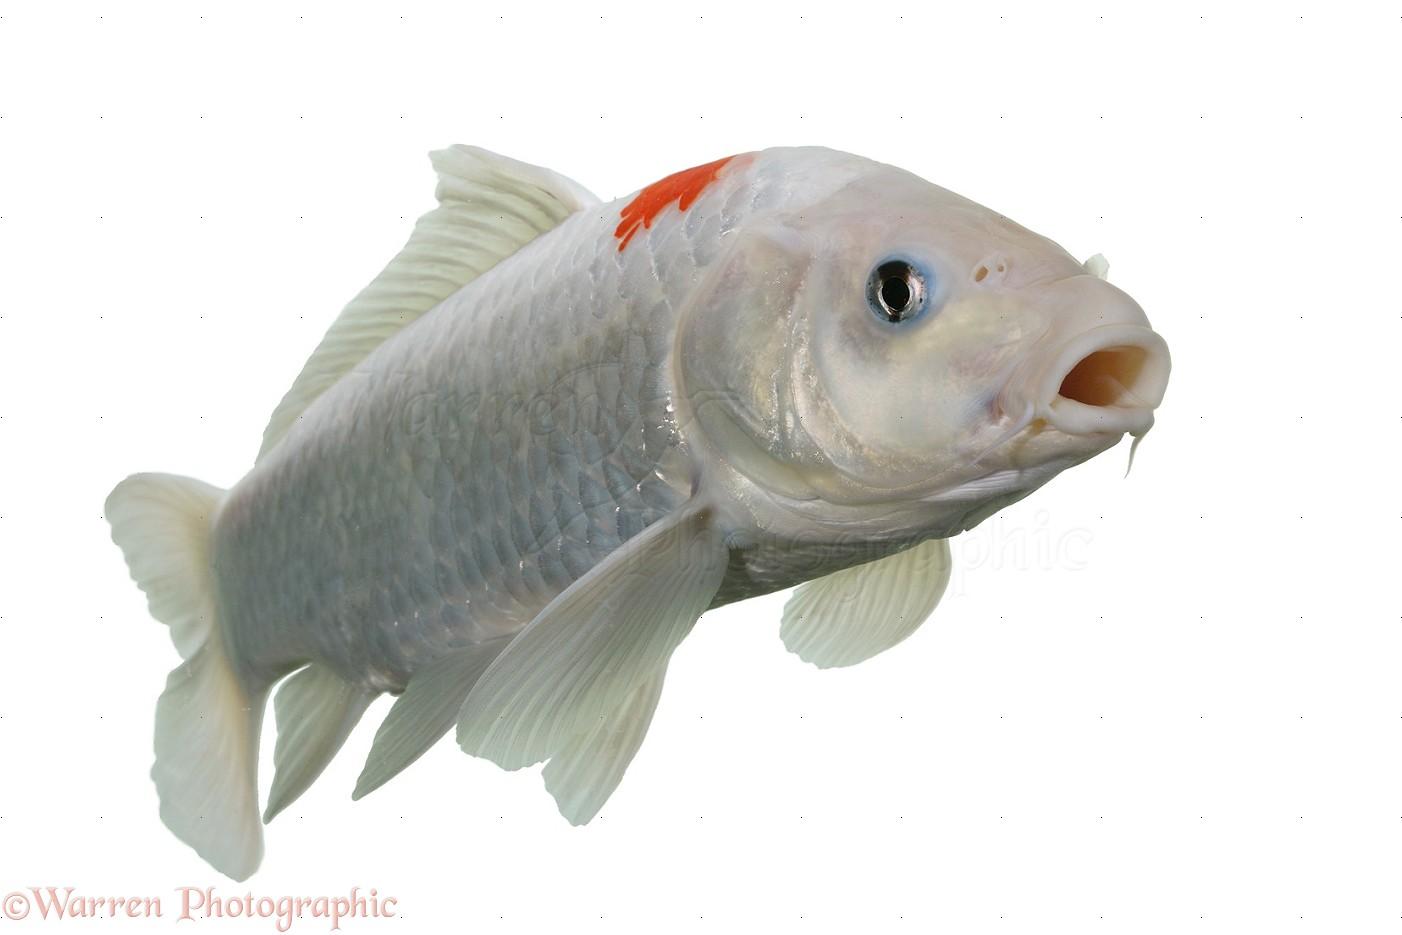 White koi carp photo wp18010 for White koi carp